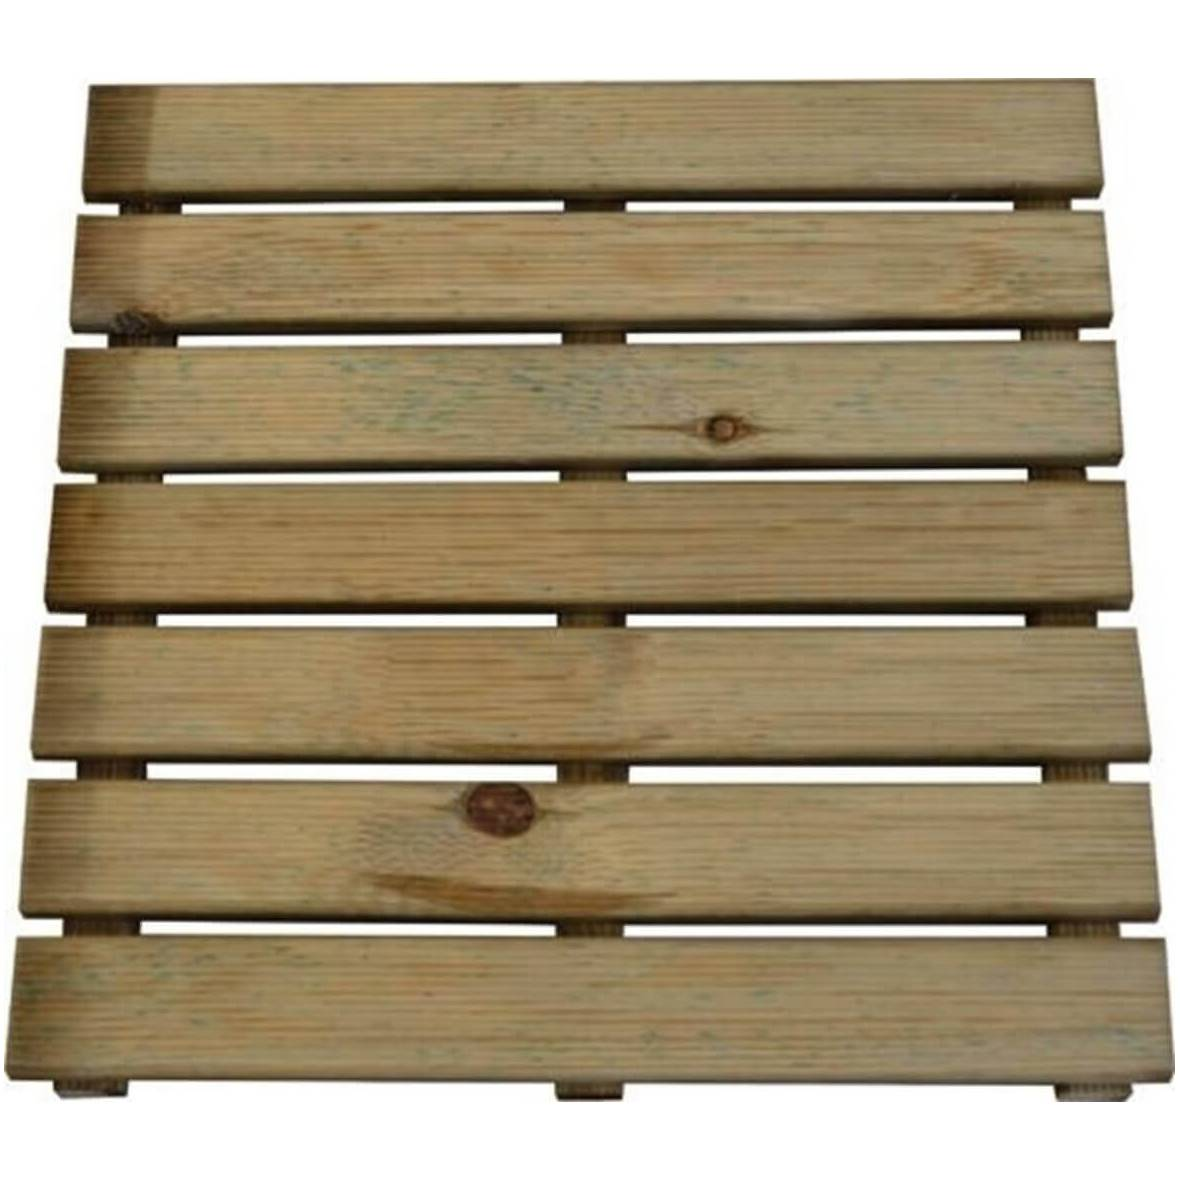 Milani Home pedana zigrinata da giardino in legno di pino verniciato in autoclave 50x50